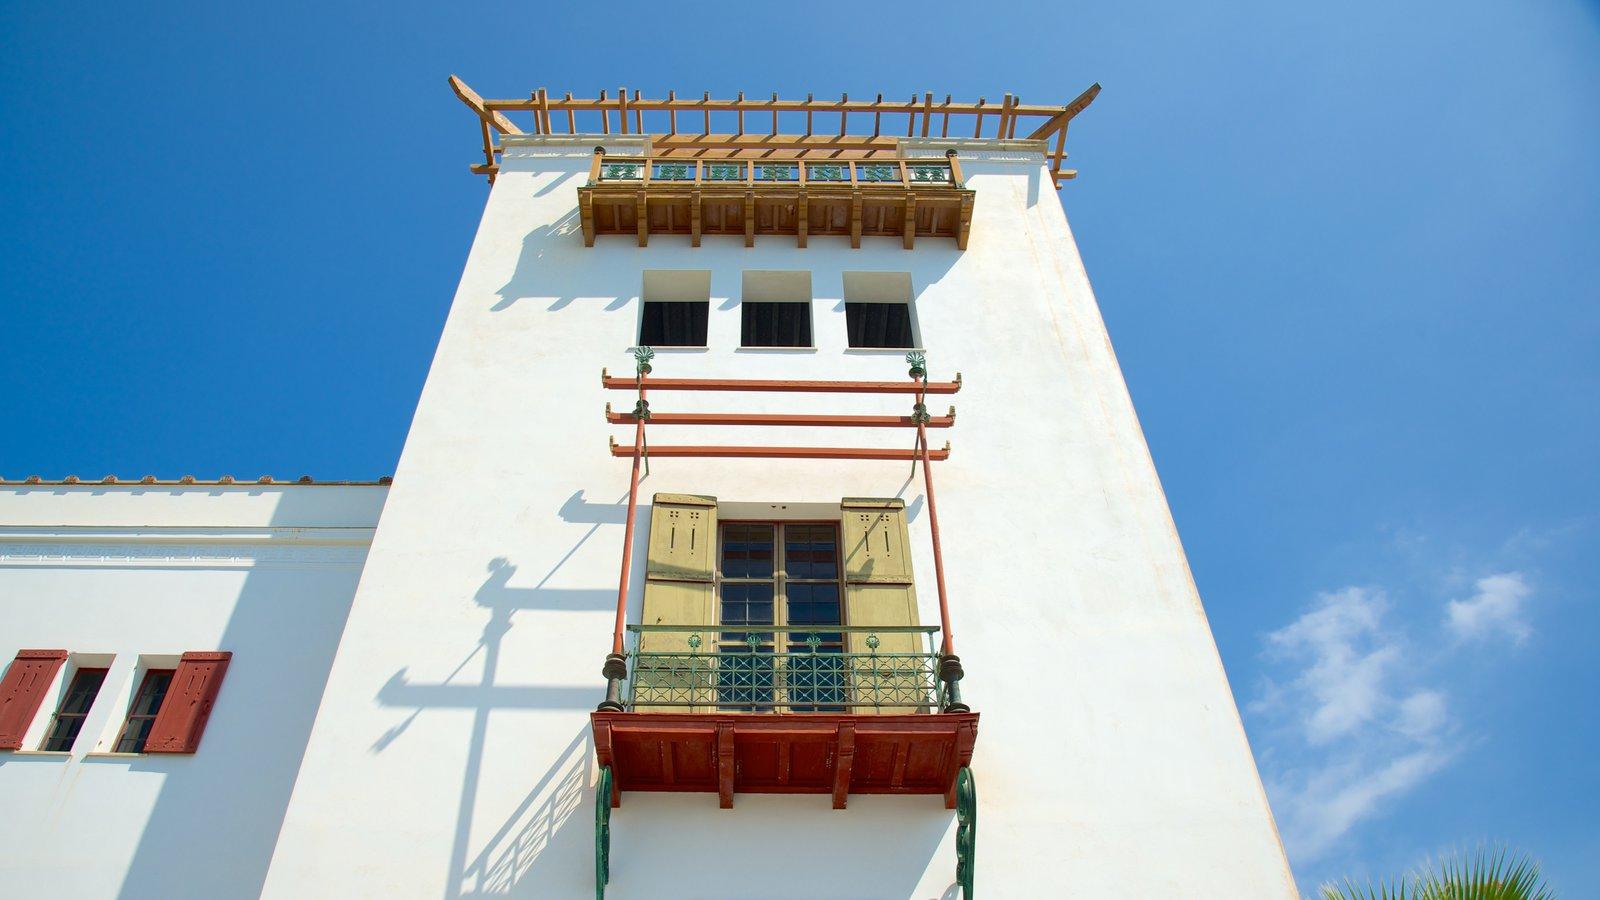 Villa Kerylos que inclui elementos de patrimônio